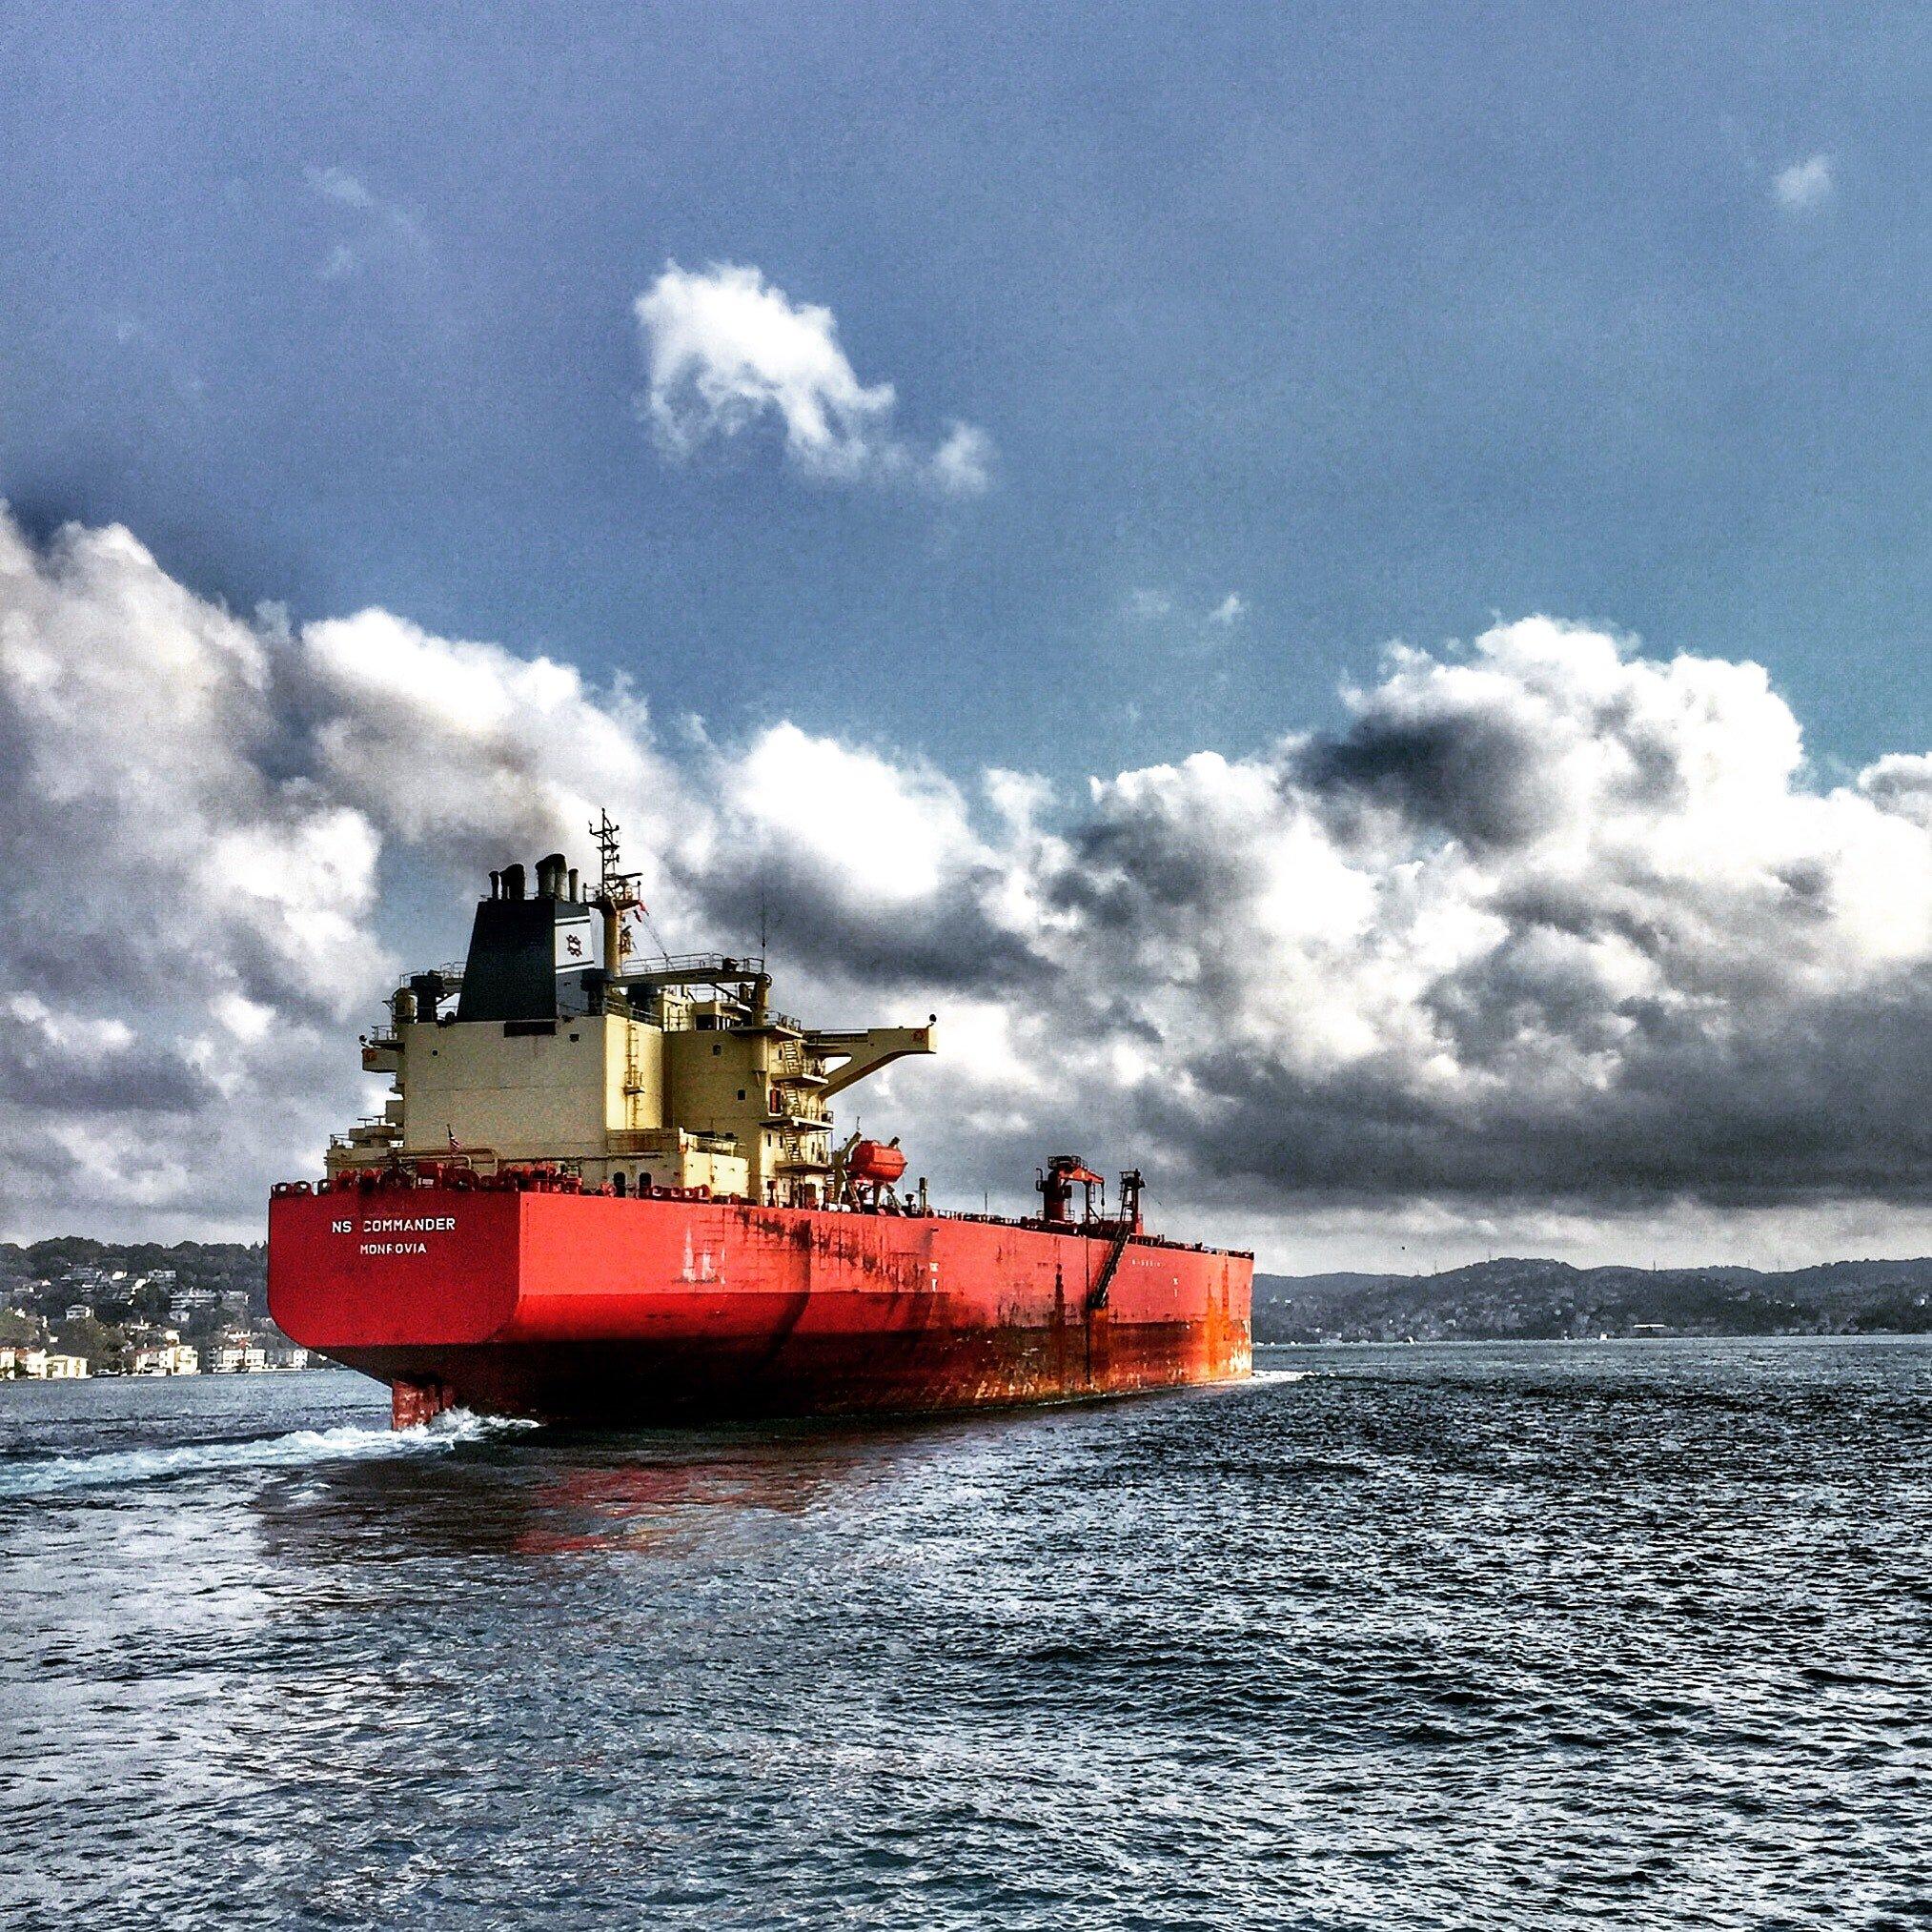 bosphorus-cargo-cargo-ship-672460